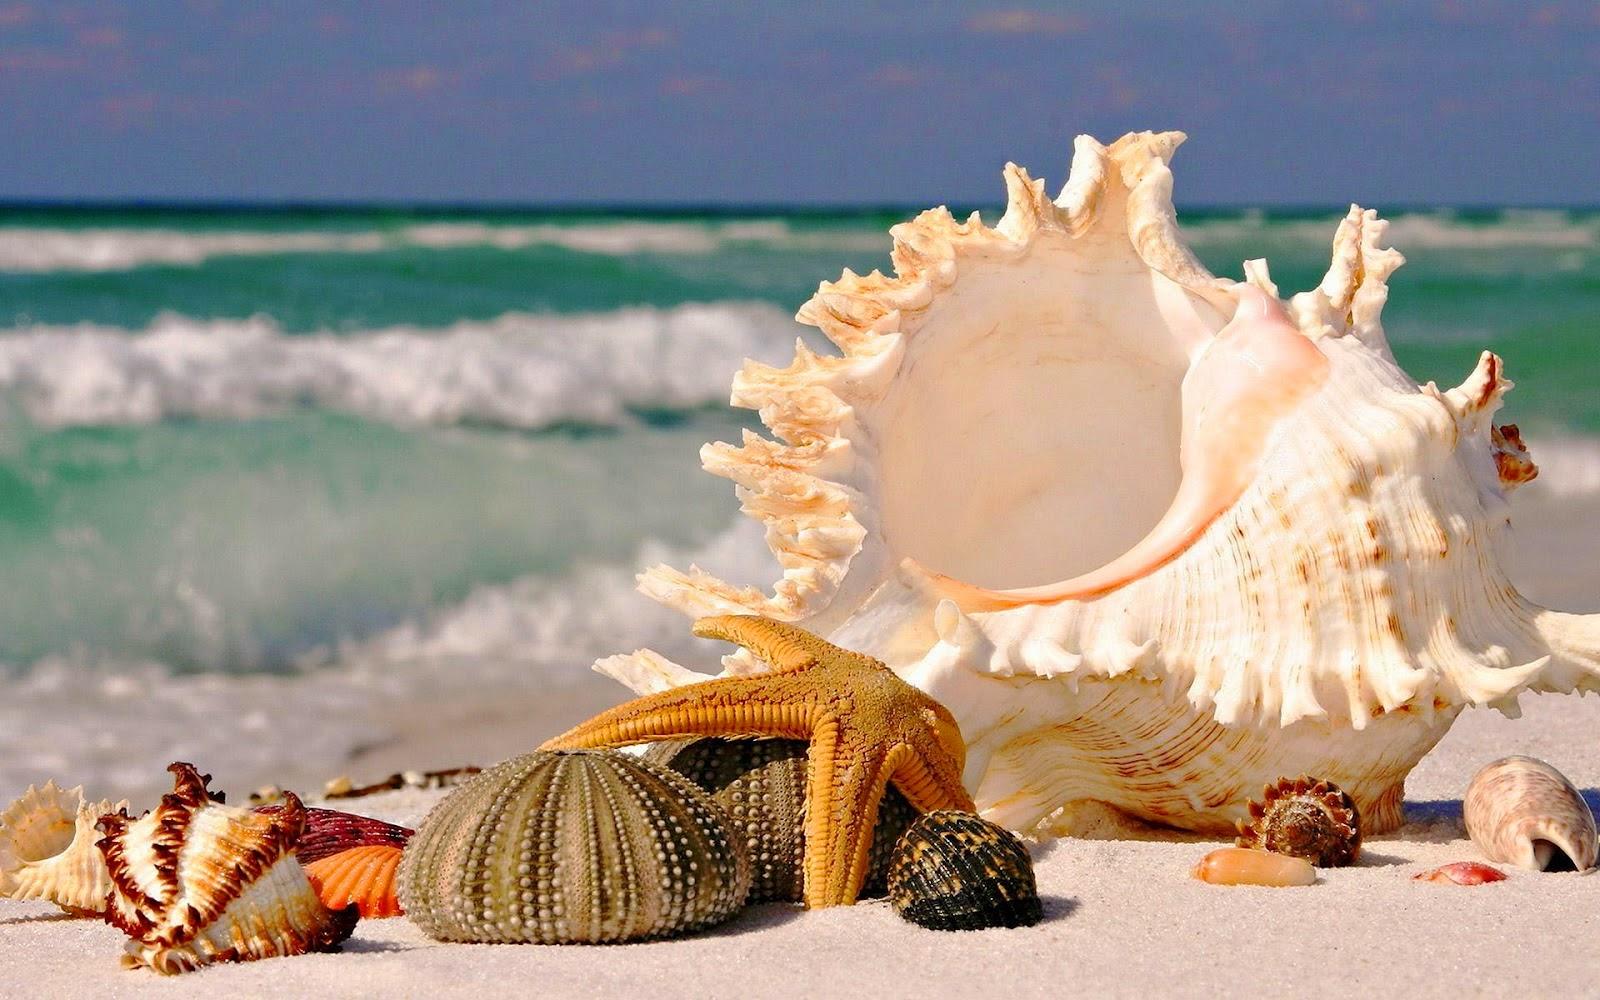 zomer-achtergrond-met-schelpen-op-het-zand-strand